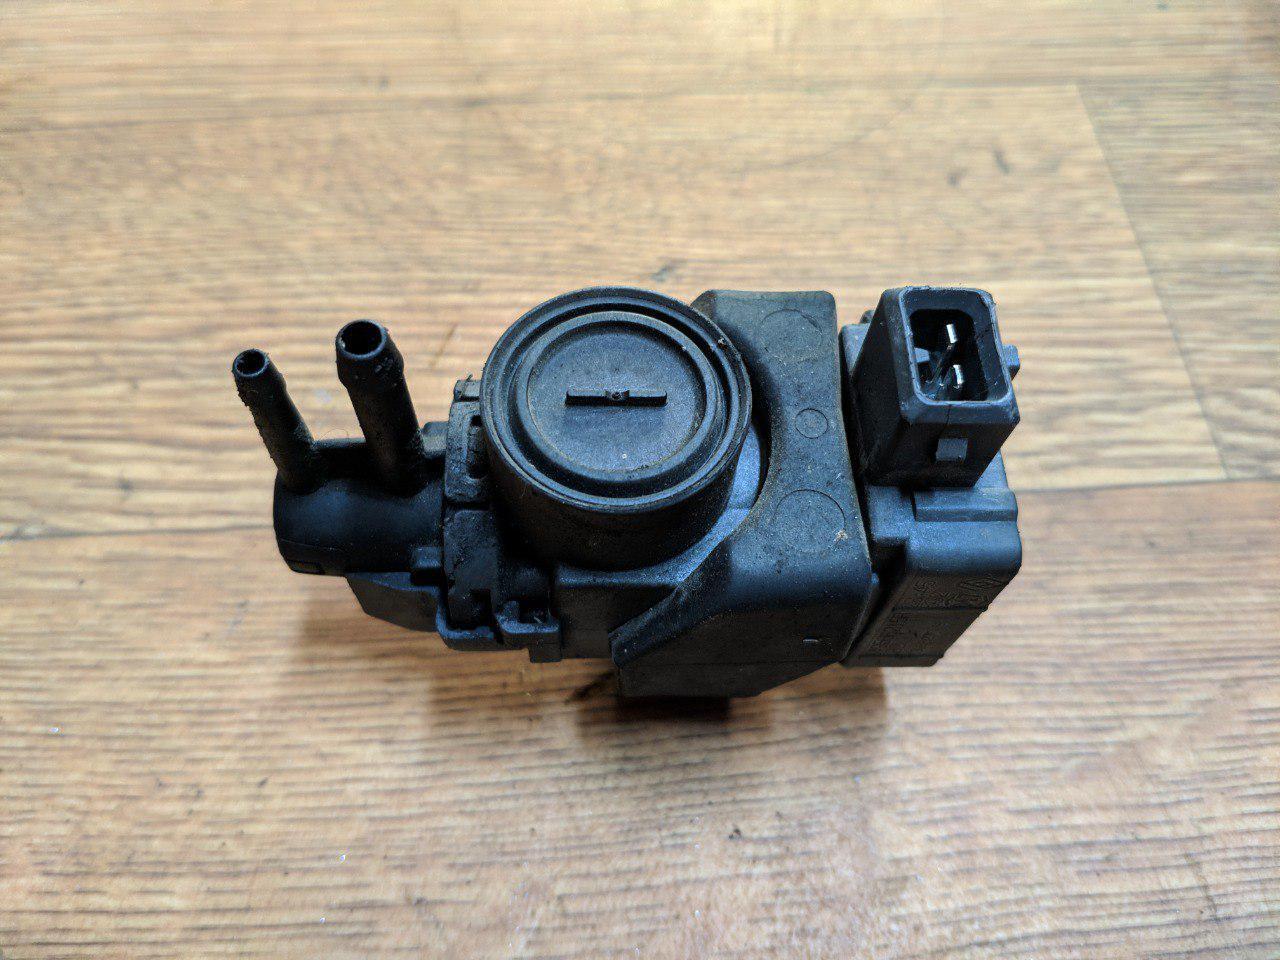 Клапан управління турбіною Renault Trafic, Opel Vivaro, 2.0, 2011-2014, 149566215R (Б/У)